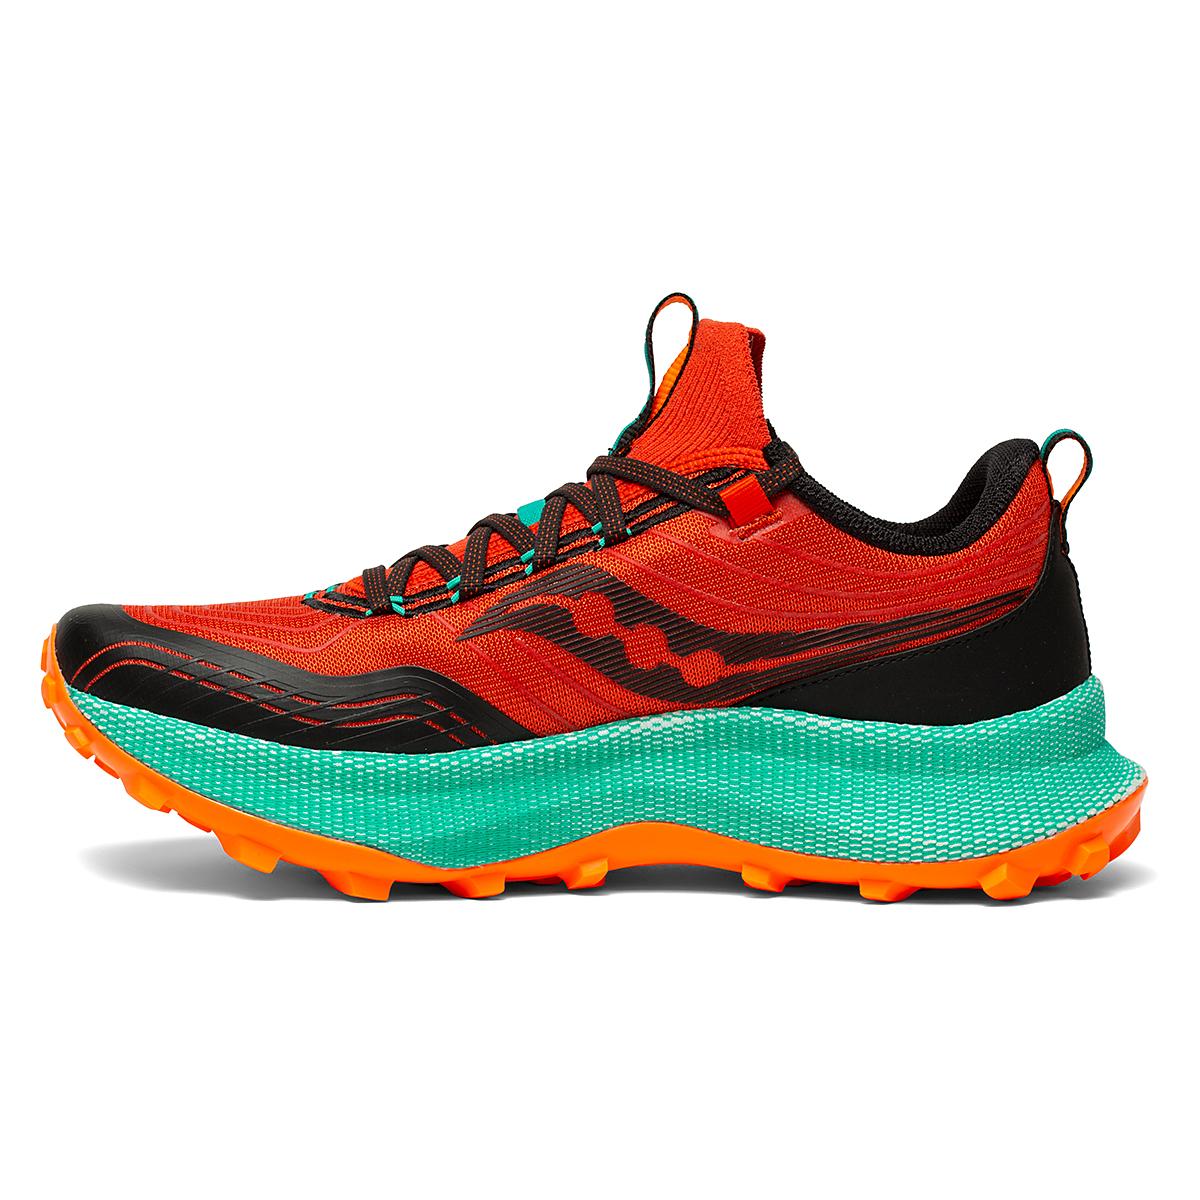 Men's Saucony Endorphin Trail Running Shoe - Color: Scarlet/Black - Size: 7 - Width: Regular, Scarlet/Black, large, image 2